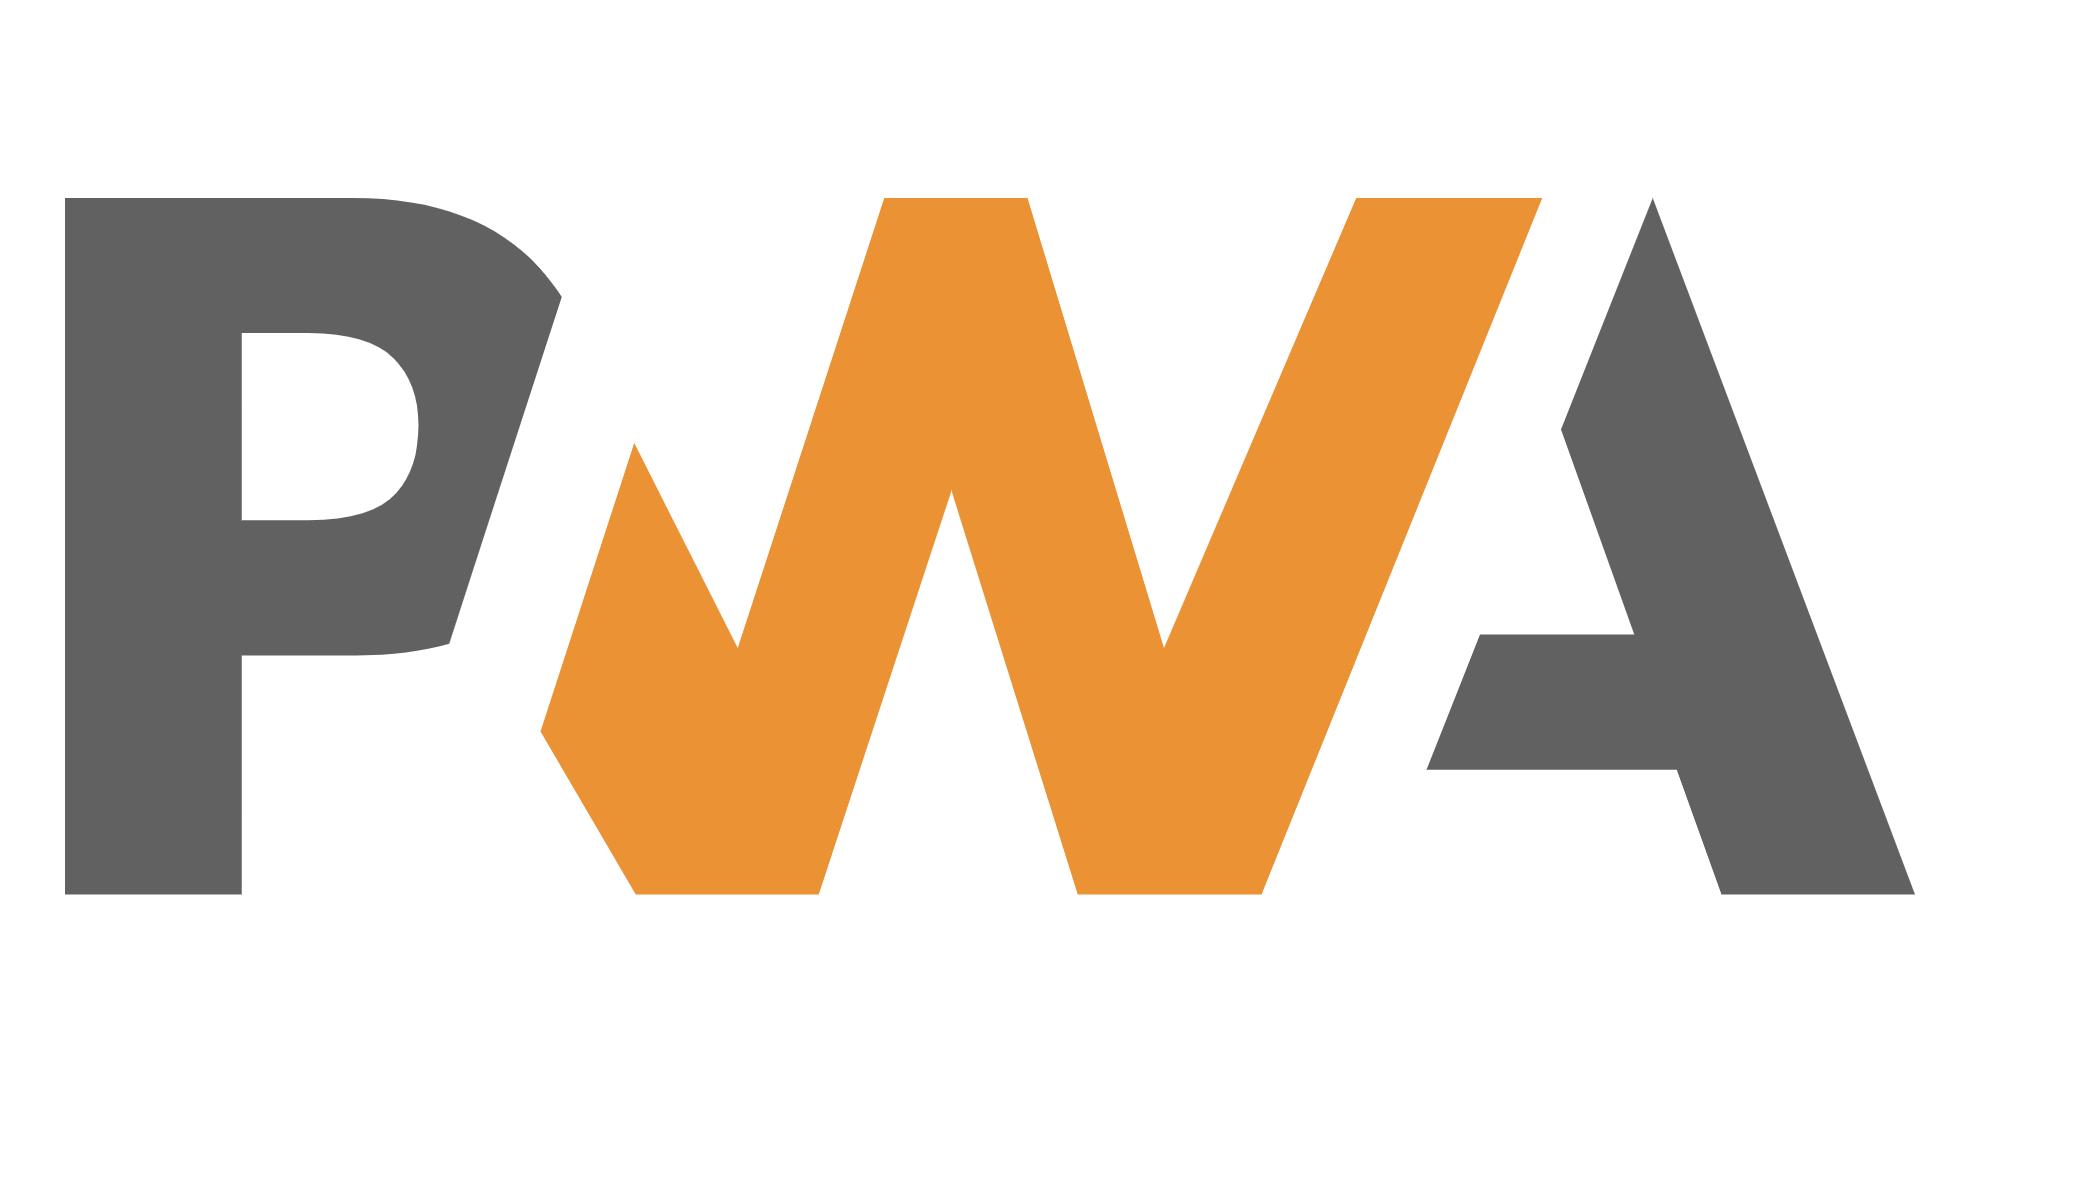 pwa-app.png